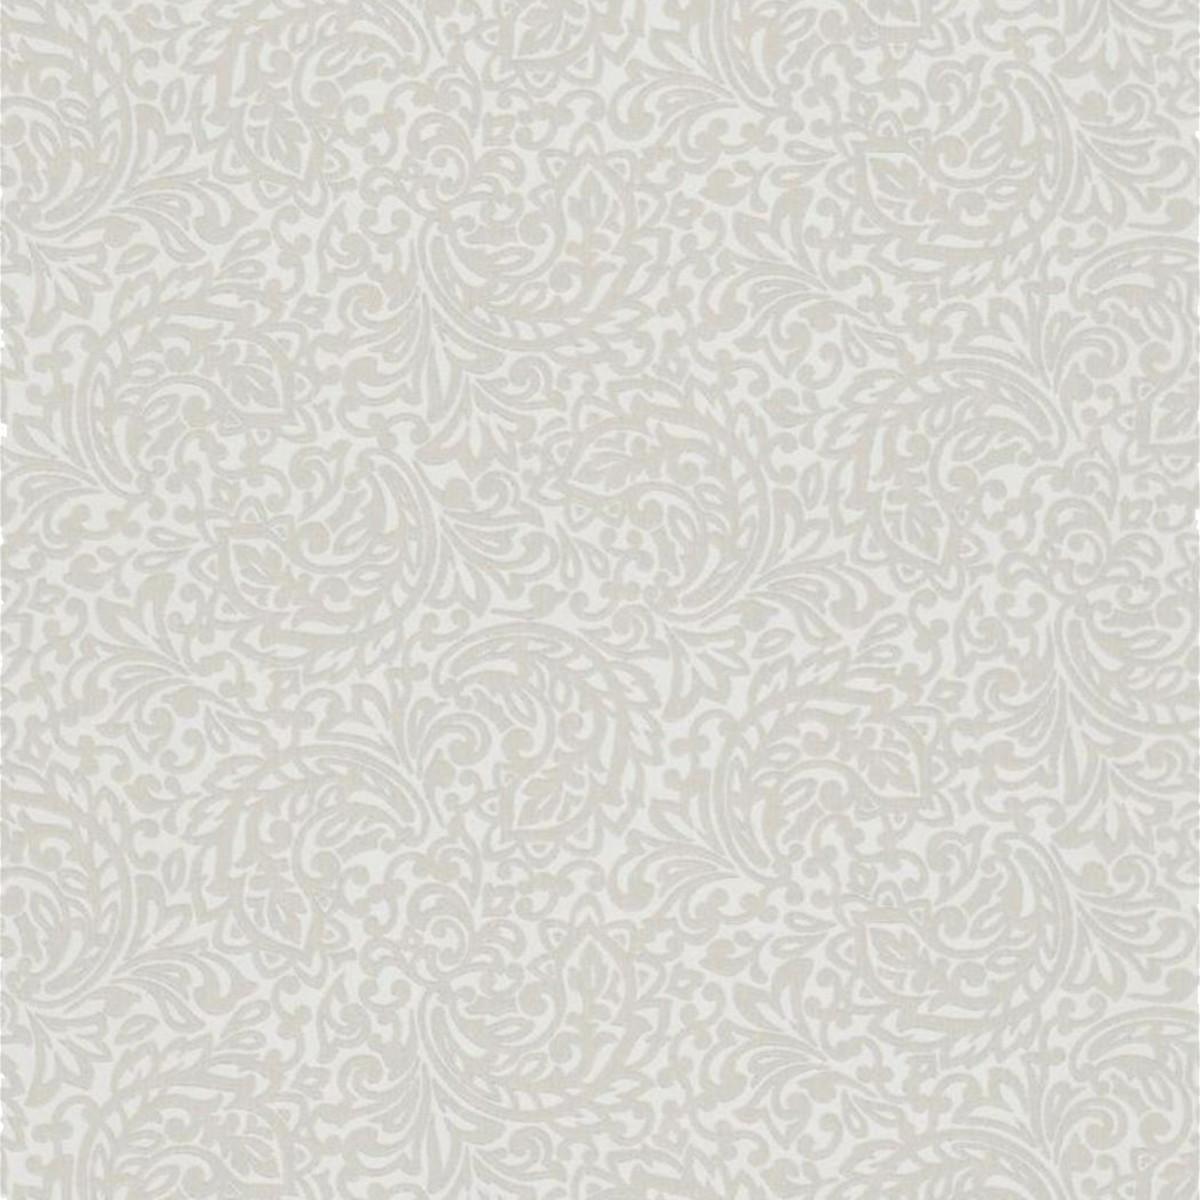 Обои флизелиновые Marburg Empire белые 1.06 м 57568